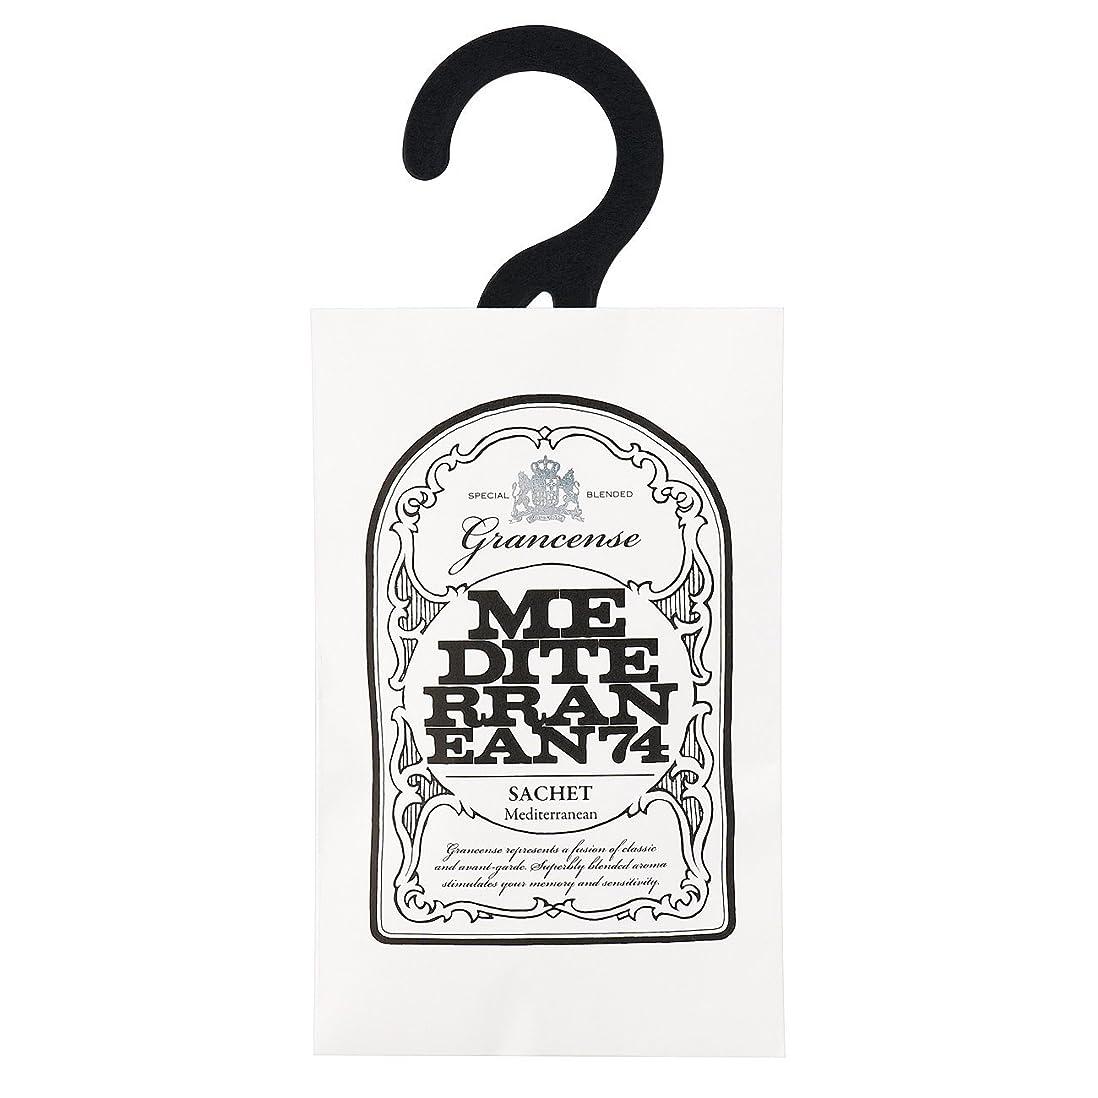 個人的な強制的請負業者グランセンス サシェ(約2~4週間) メディテレーニアン 12g(芳香剤 香り袋 アロマサシェ 潮風を感じさせてくれるアクアティック?フローラルの香り)